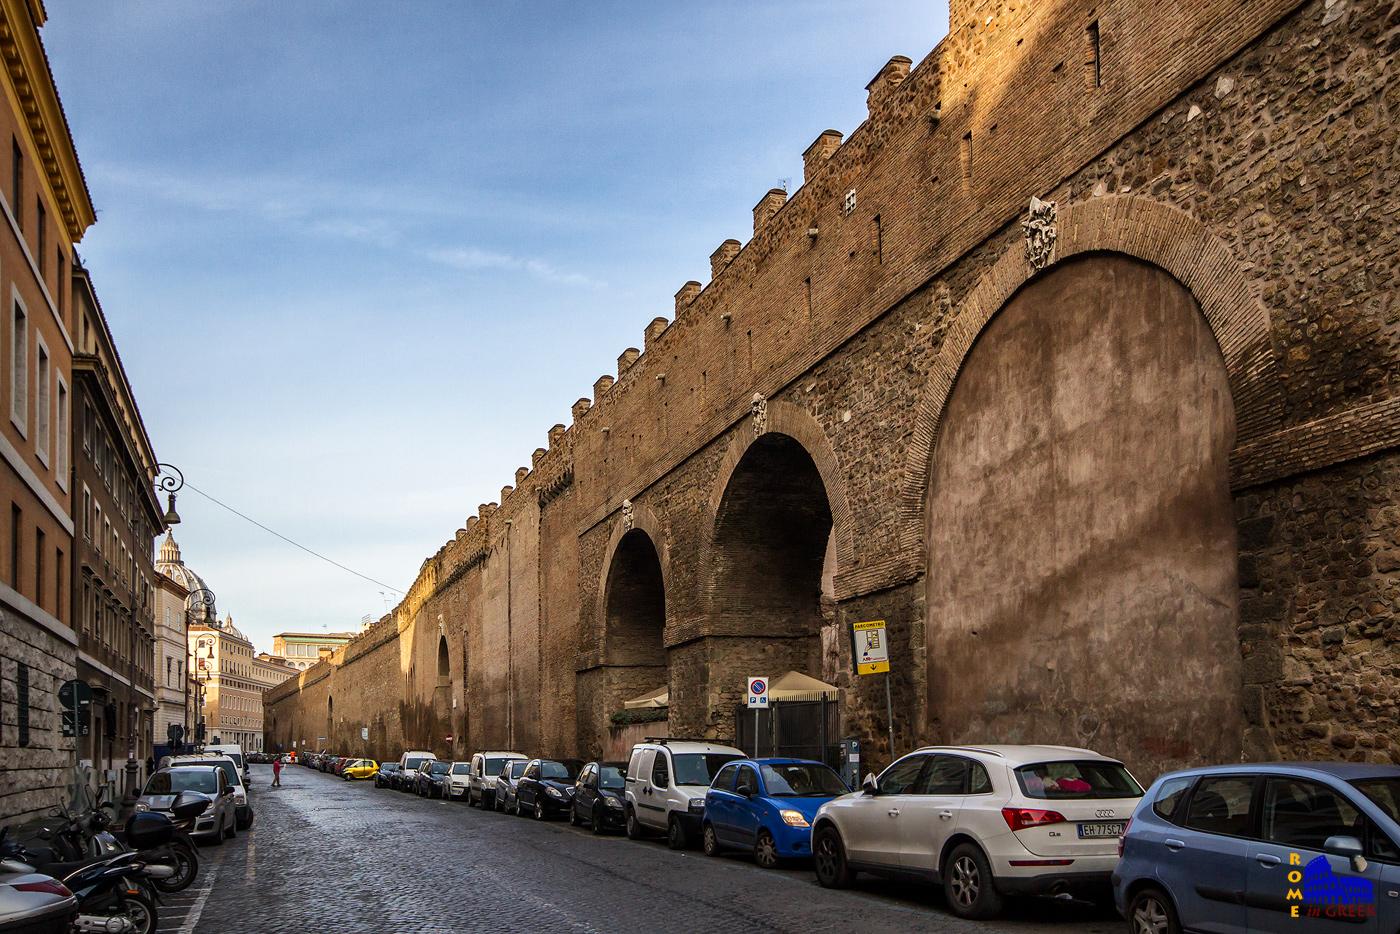 Το Passetto στο Borgo. Διακρίνονται οι πολεμίστρες του εσωτερικού διαδρόμου. Στο βάθος ξεχωρίζει ο Άγιος Πέτρος. Τα καμπυλωτά ανοίγματα στο τείχος κατασκευάστηκαν μεταγενέστερα για λόγους συγκοινωνίας.